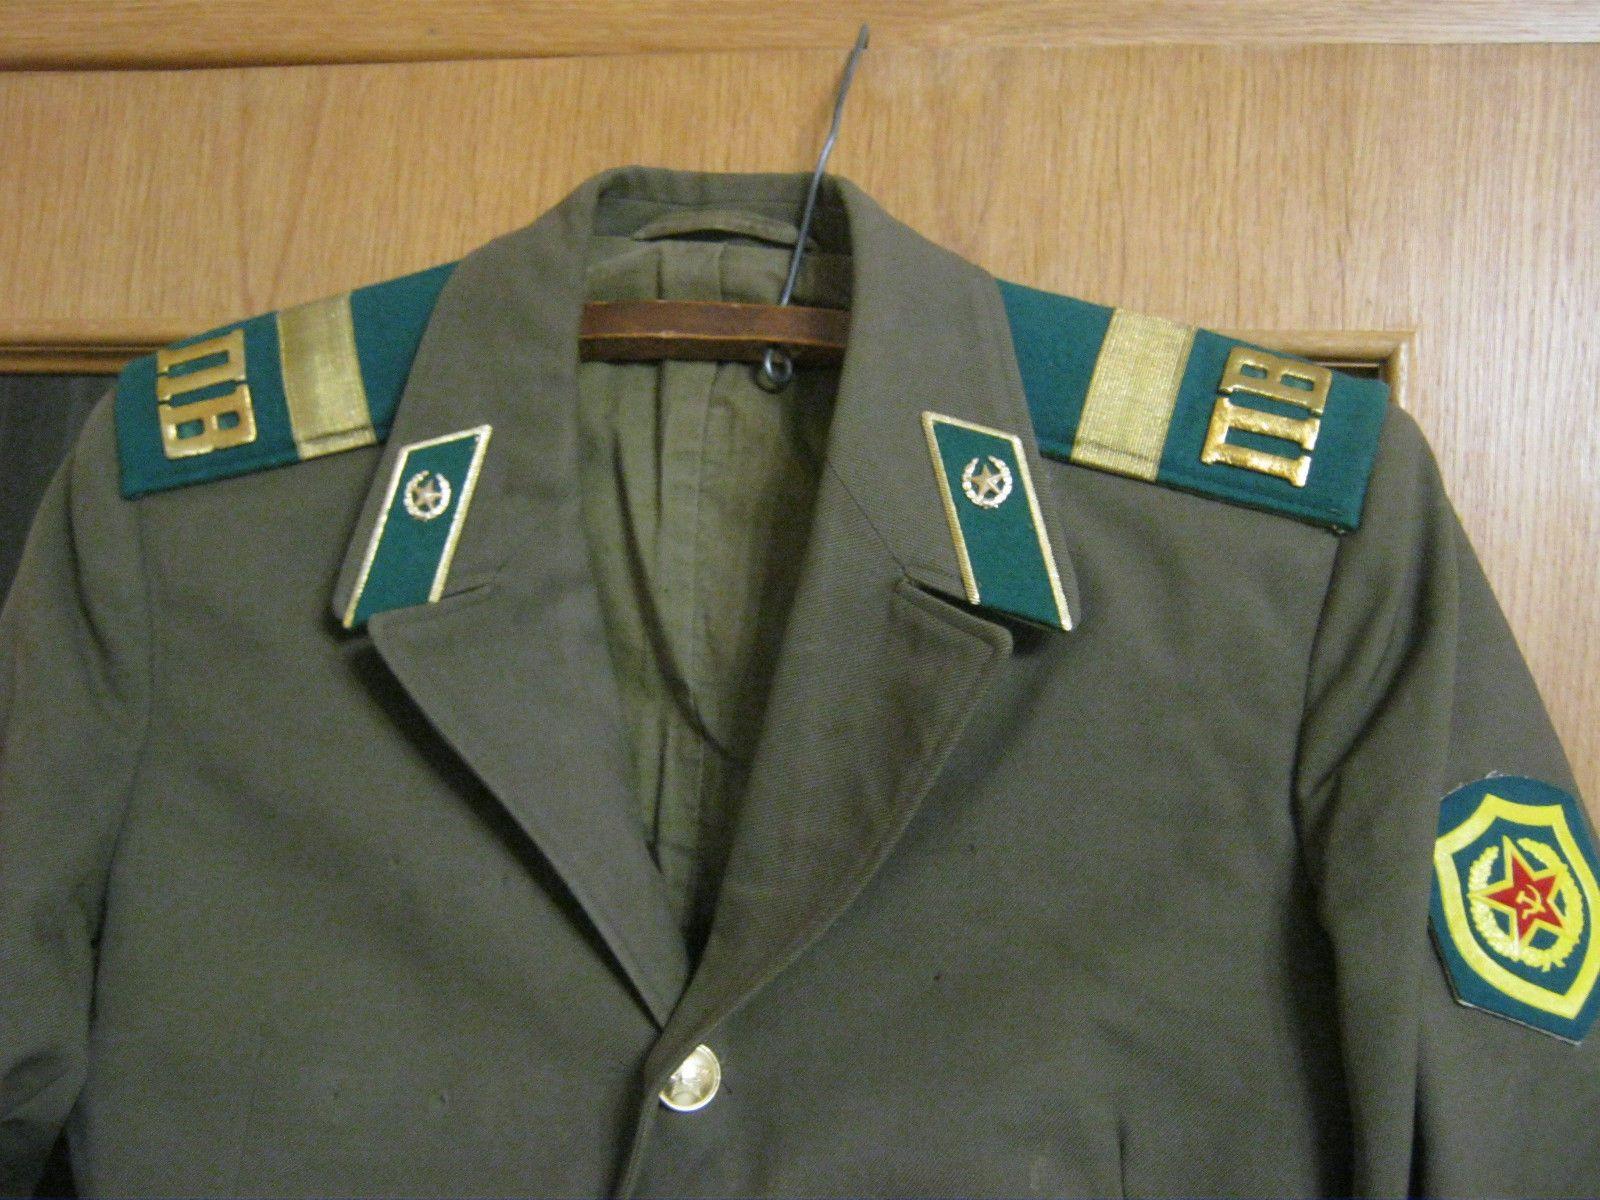 военная форма погранвойск рф фото картине слияние двух